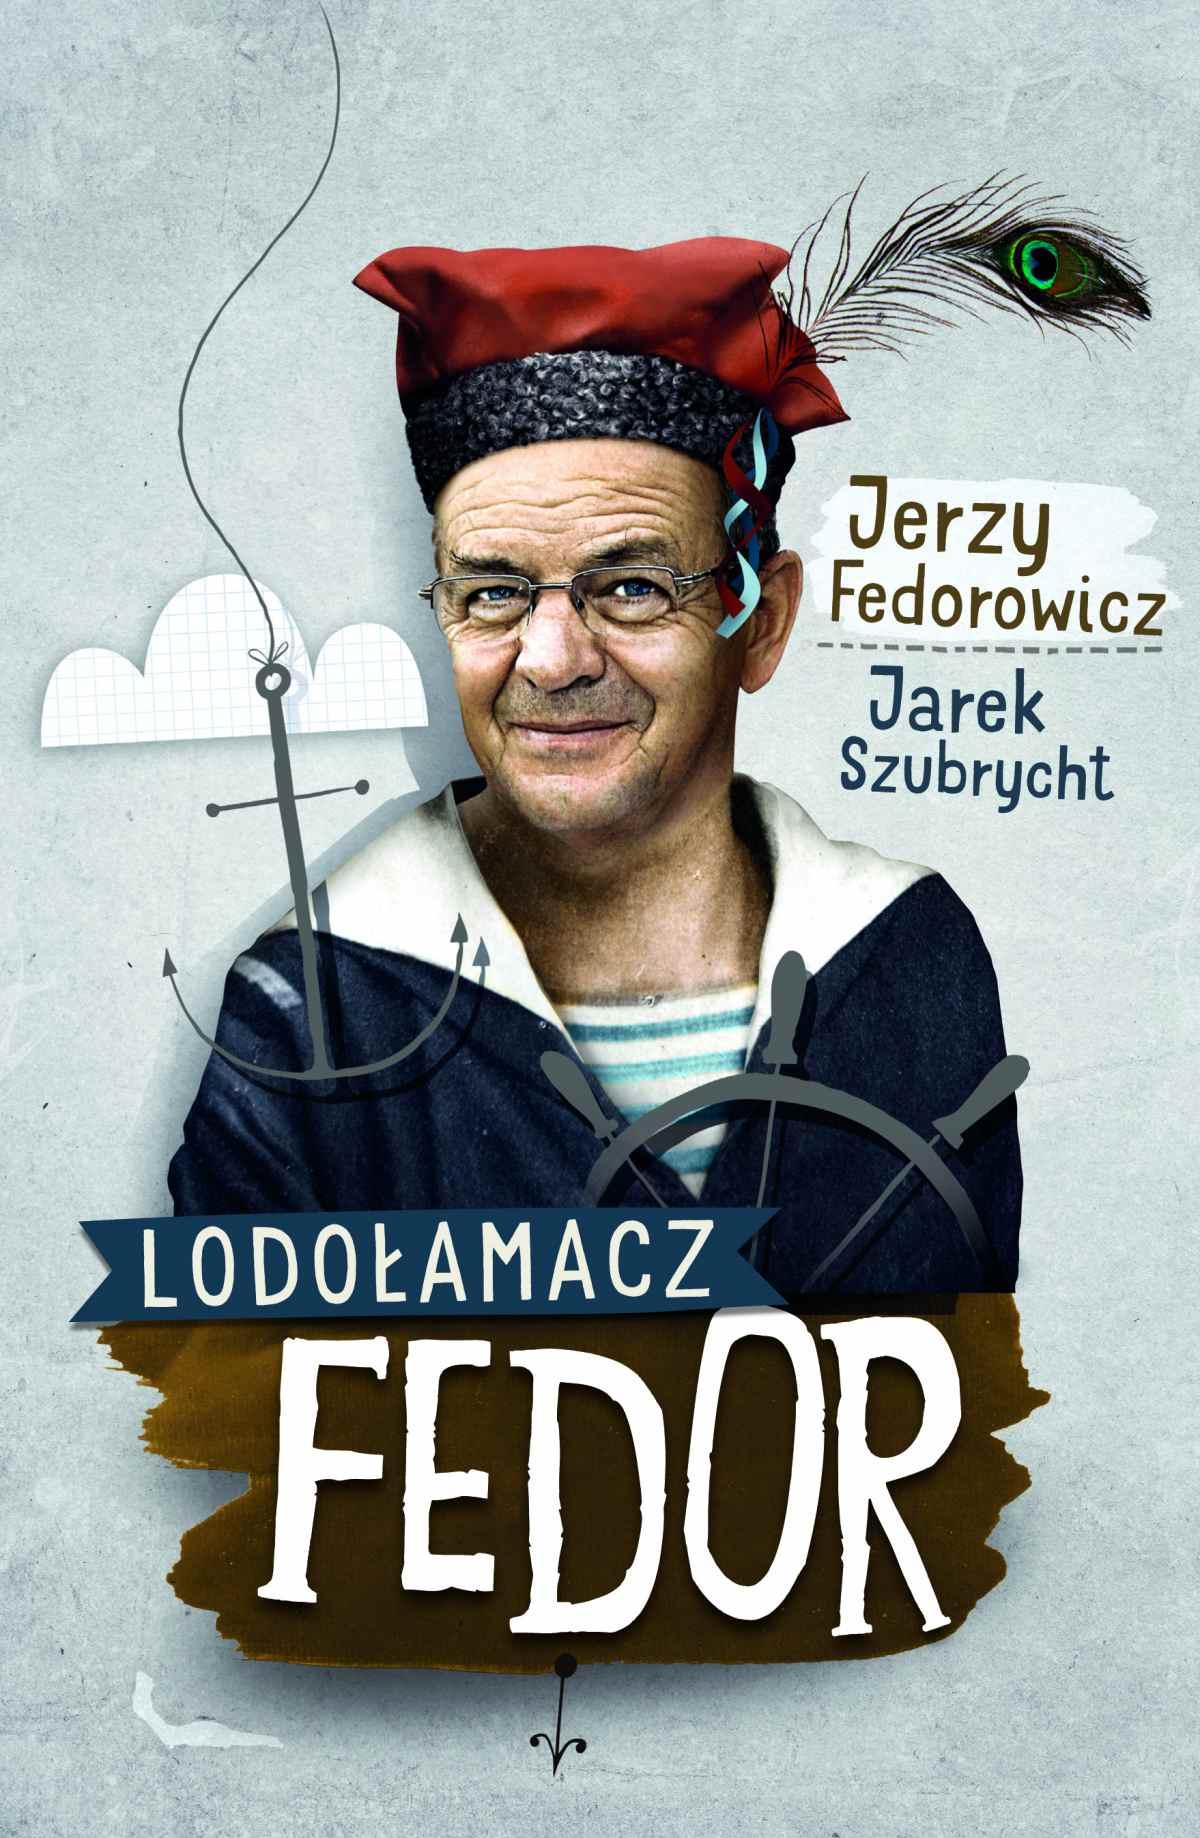 Lodołamacz Fedor - Ebook (Książka EPUB) do pobrania w formacie EPUB